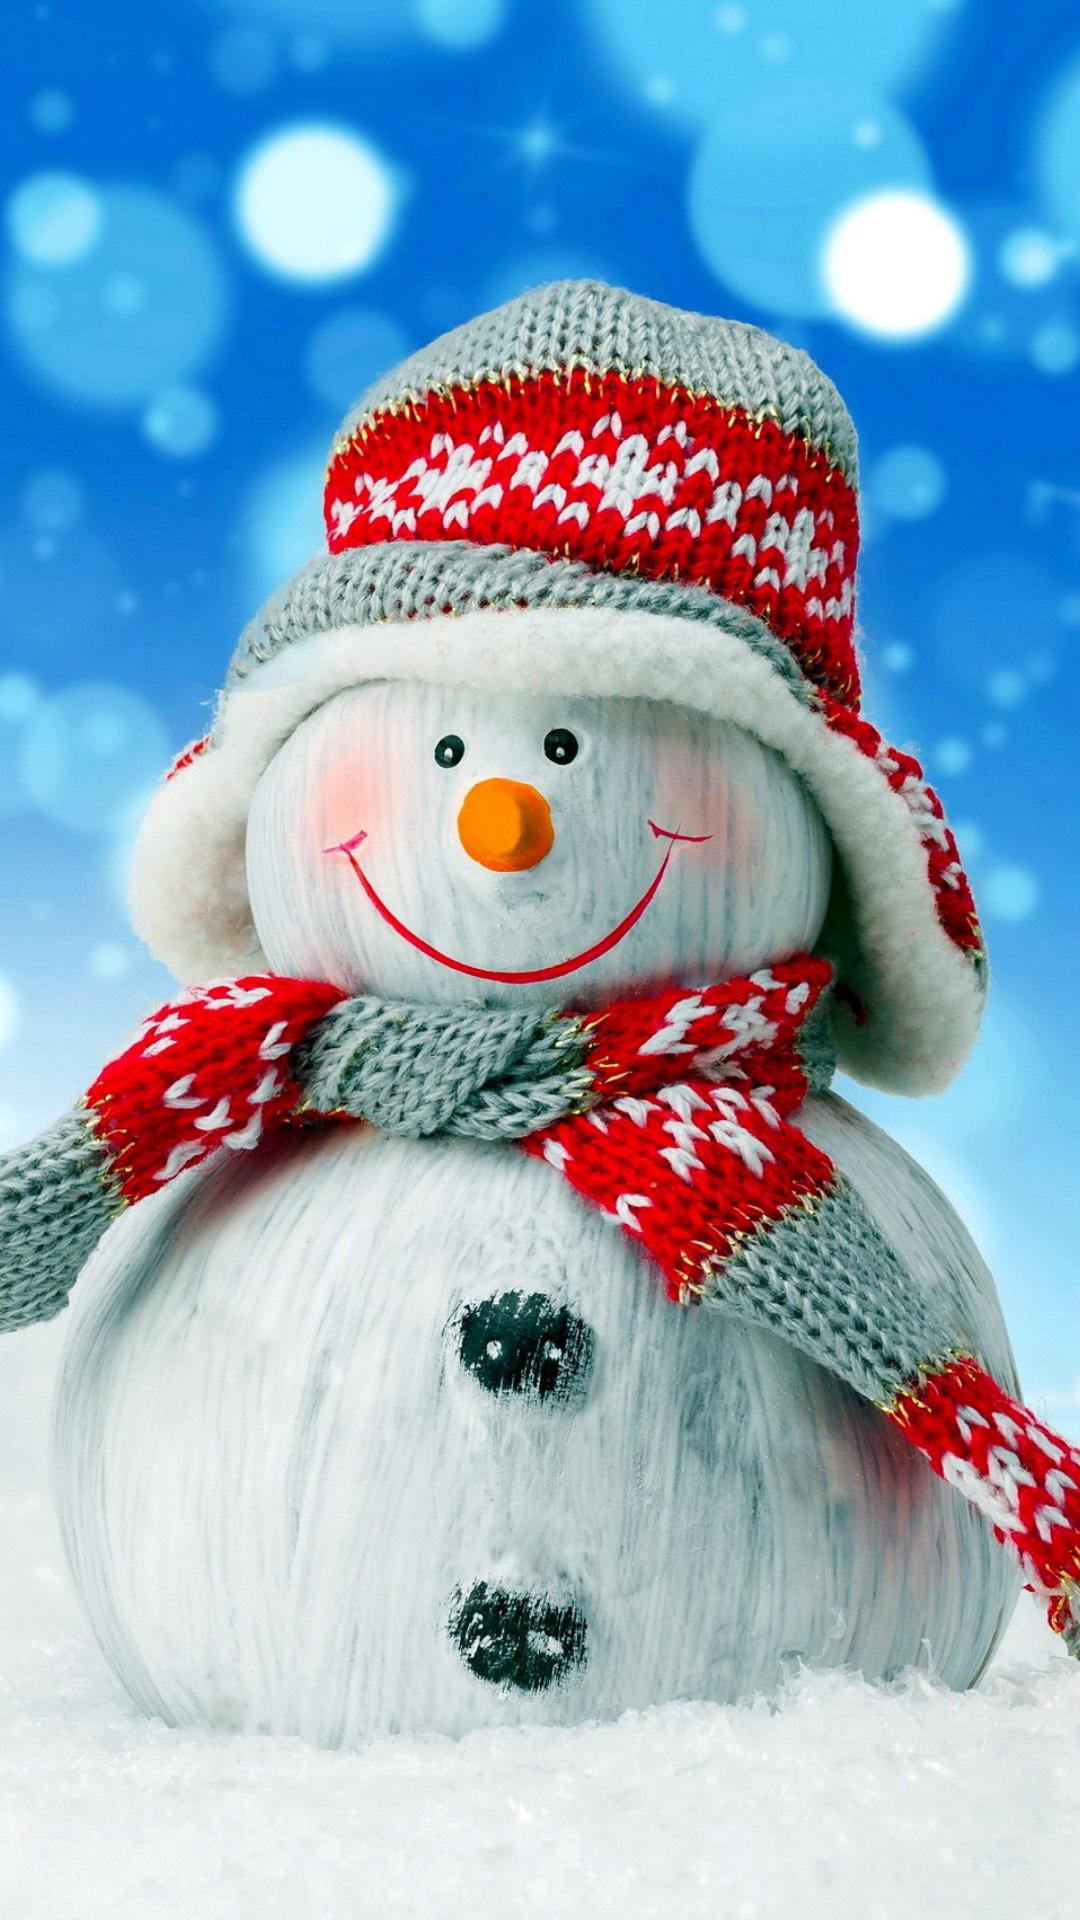 звезда новый год снеговик картинки красивые на телефон таким